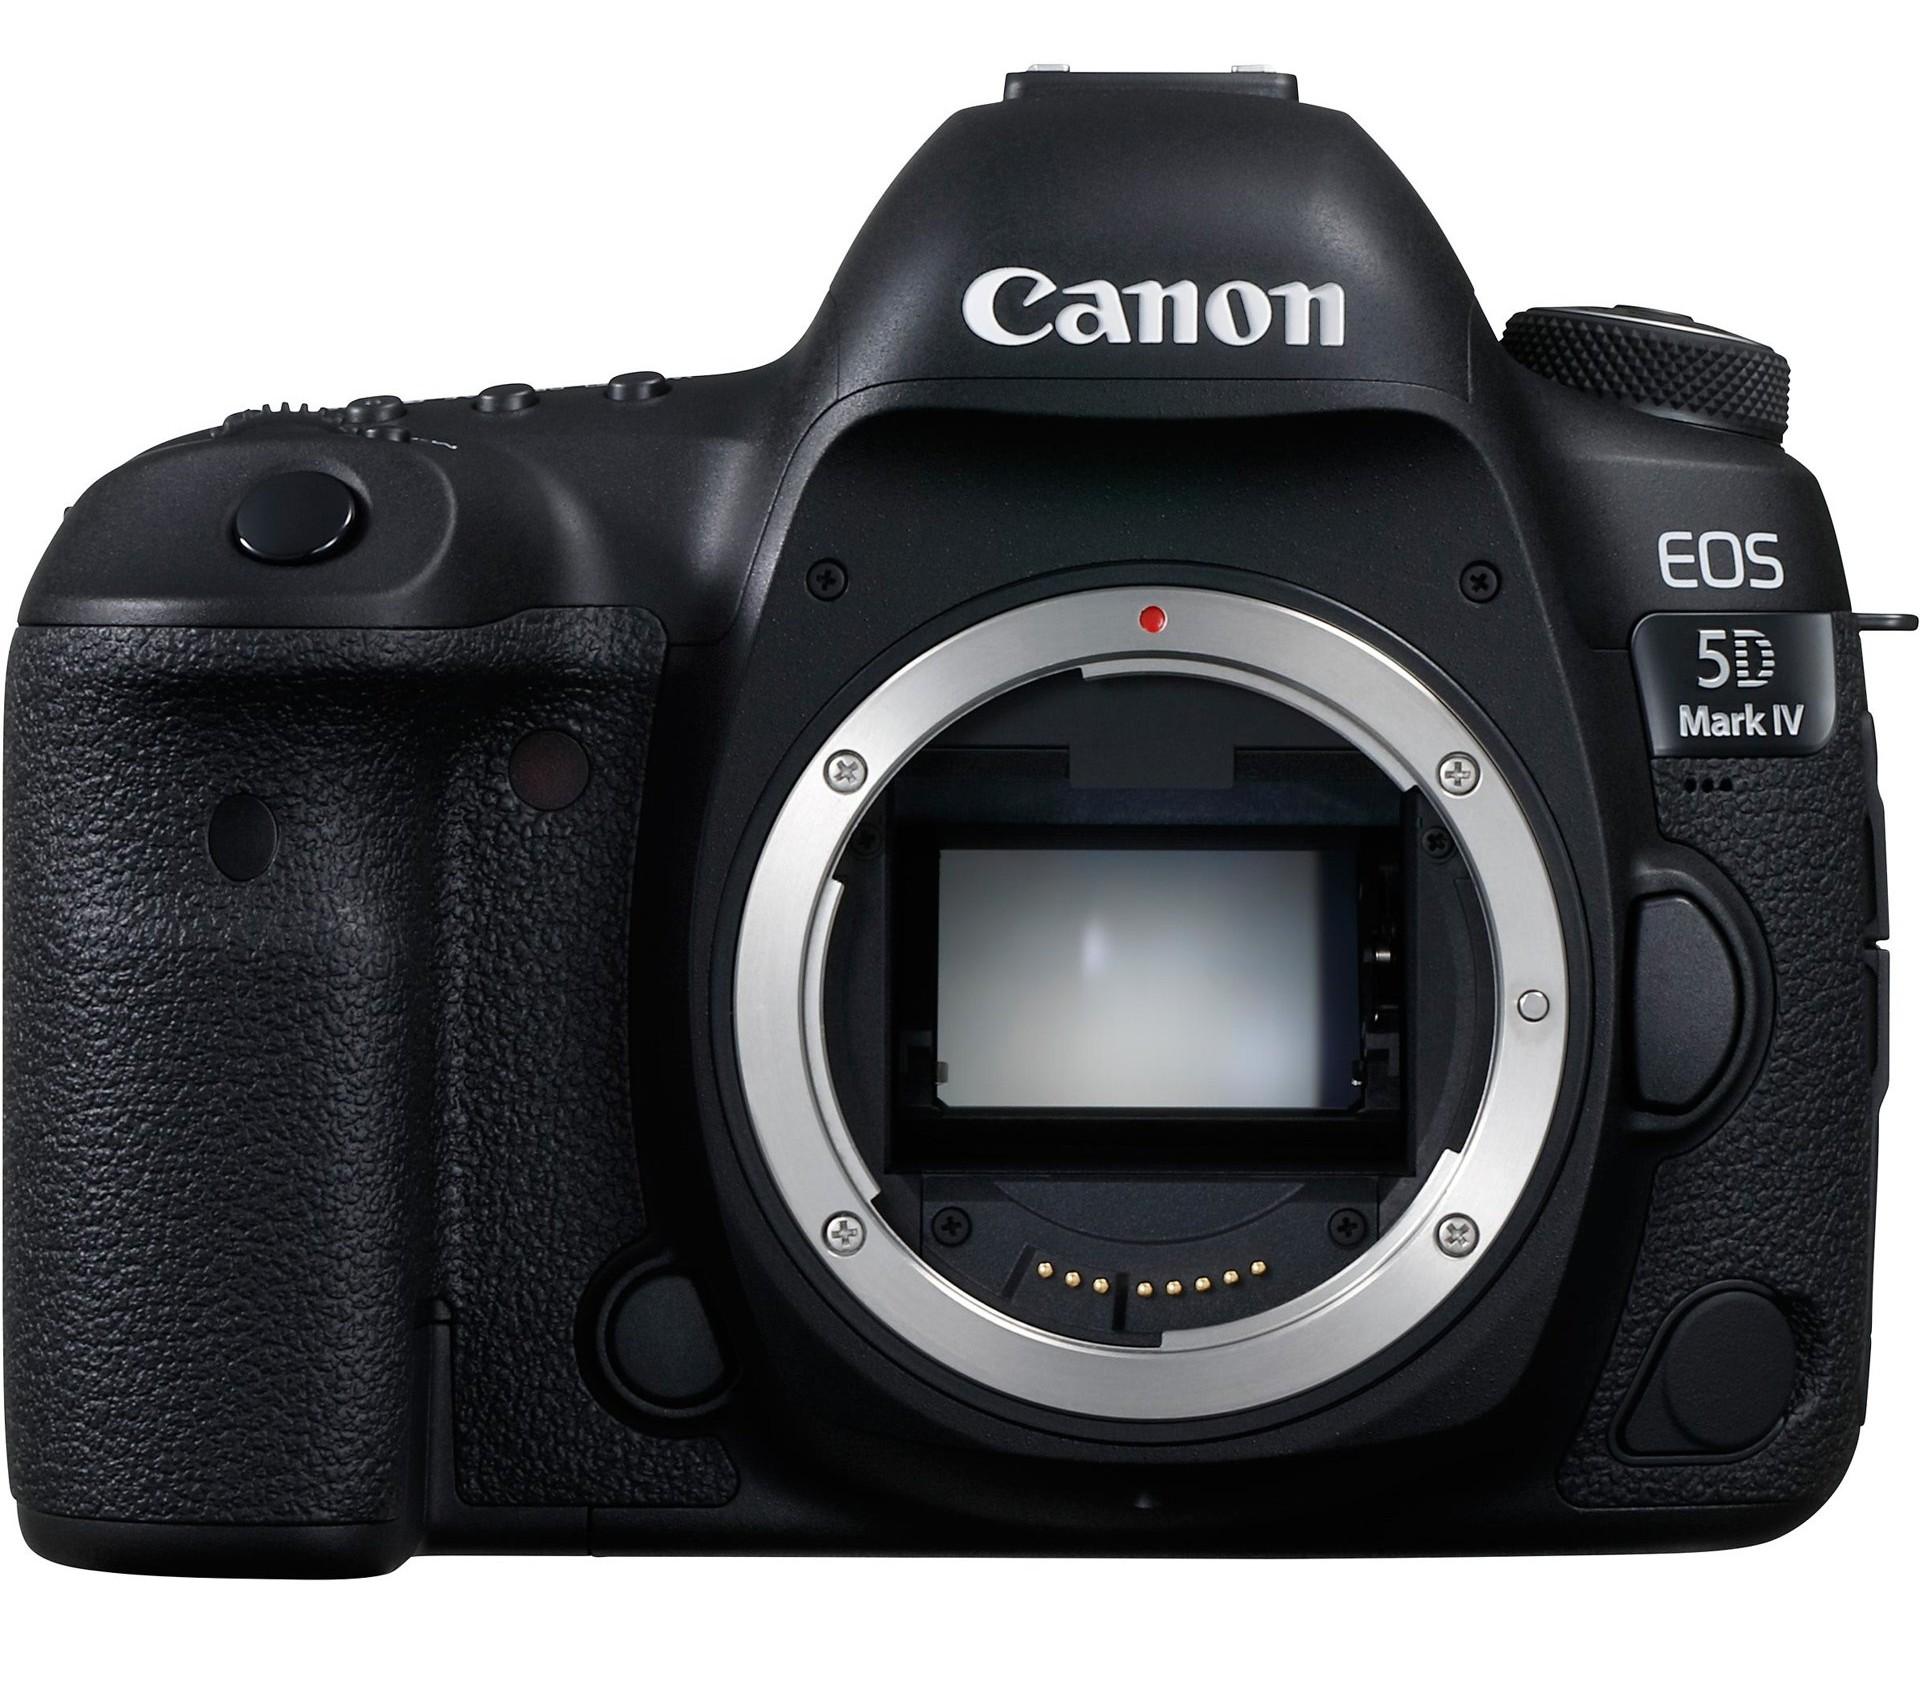 dslr vs mirrorless canon 5d mark iv image